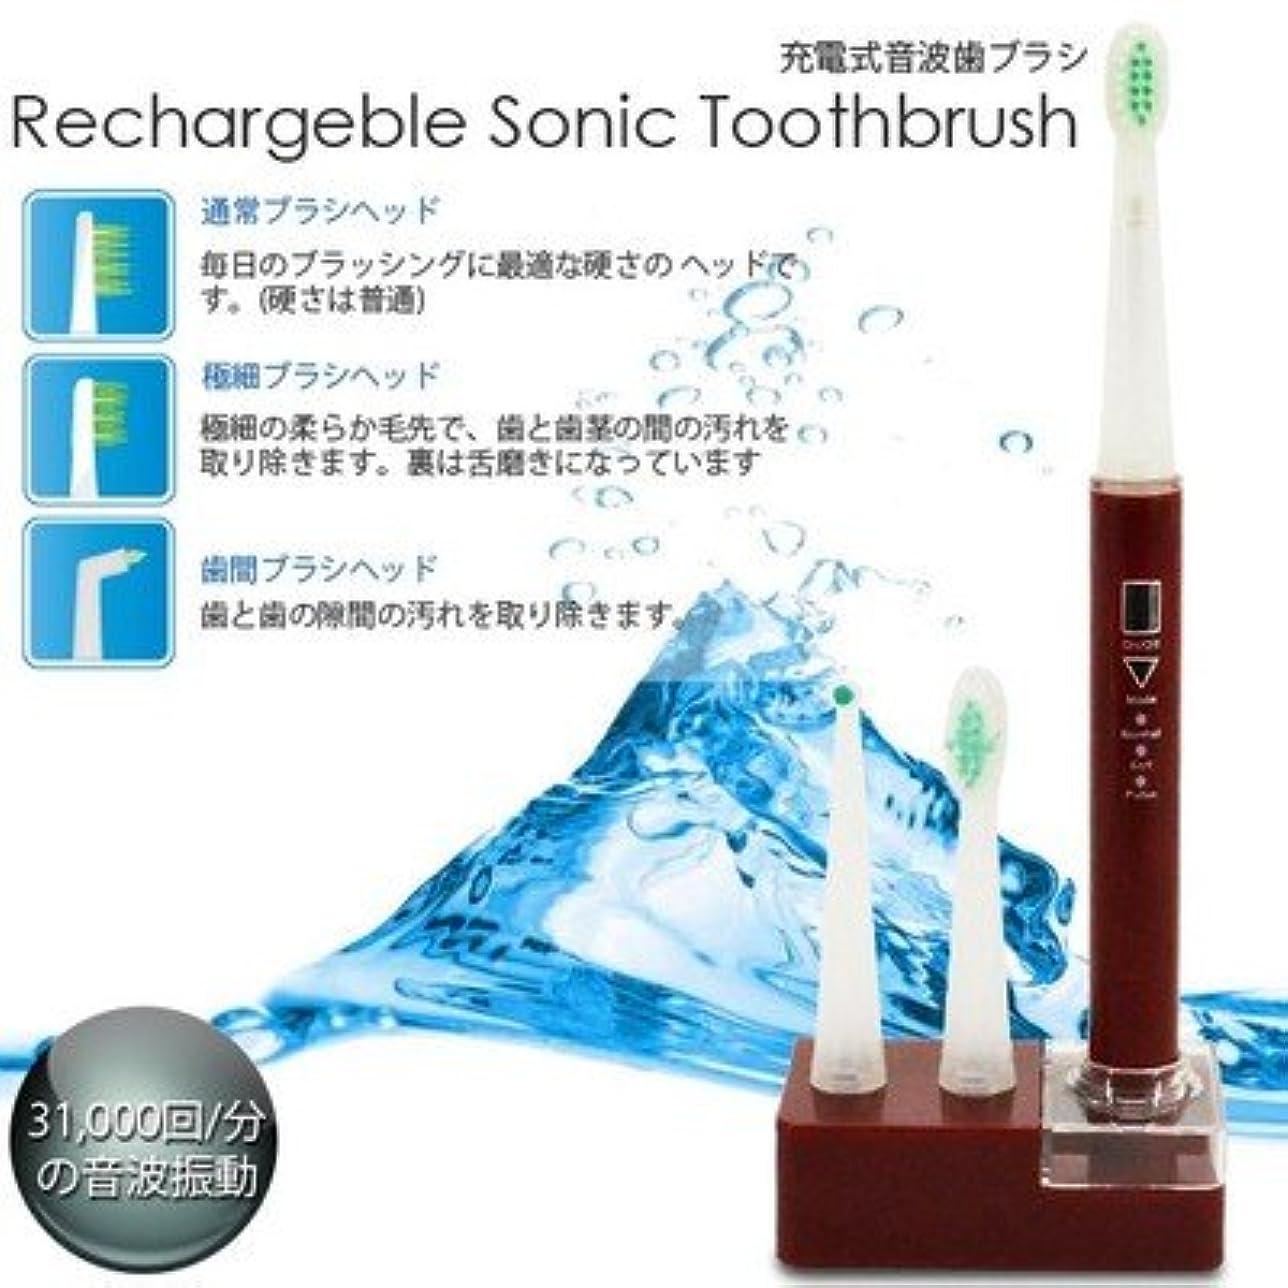 それからブラウス地区美容?衛生/充電式/音波歯ブラシ/3種類/ブラシ付属/RST-2062/赤